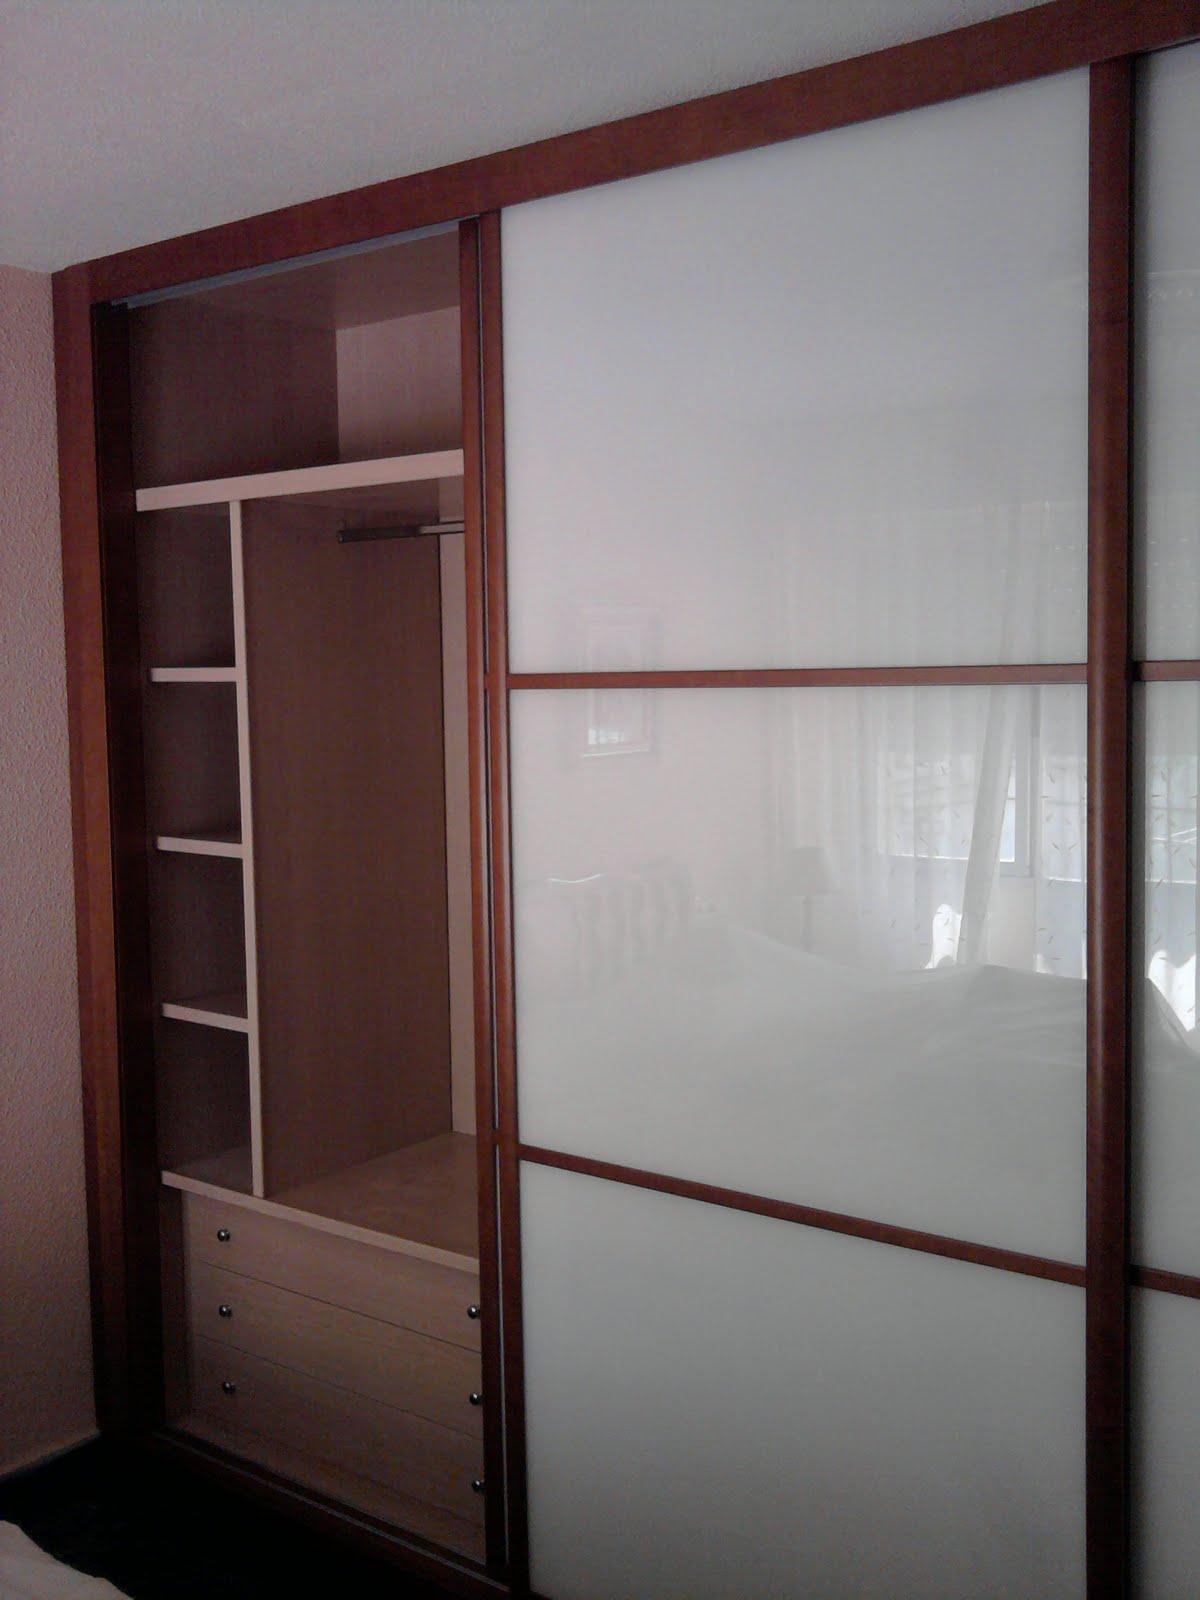 Decoraciones sahuquillo armario cerezo puertas correderas - Puertas correderas armarios ...